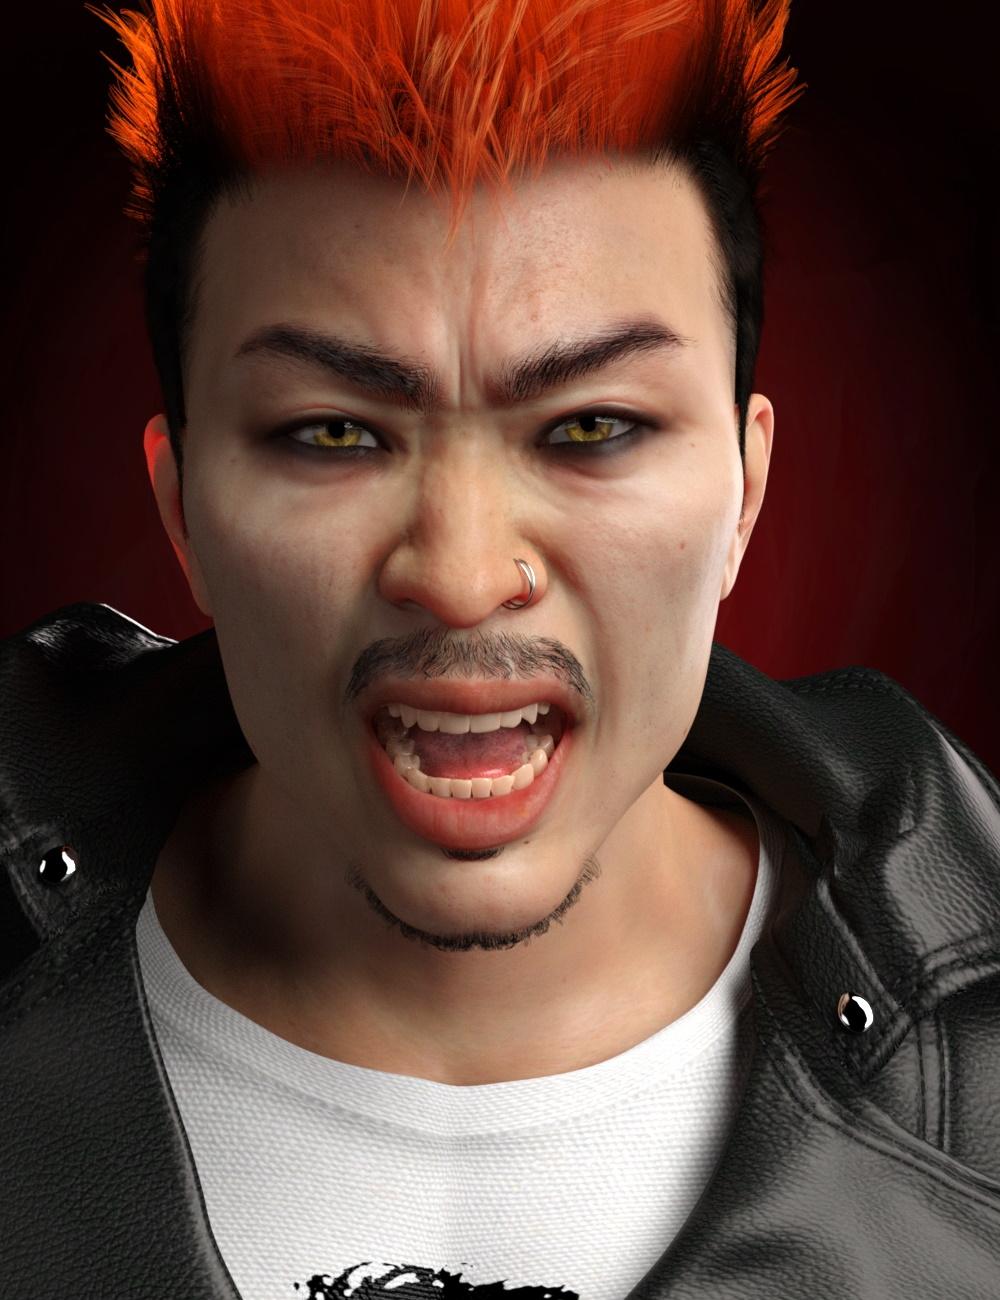 Haru HD for Kwan 8 by: RedzStudio, 3D Models by Daz 3D